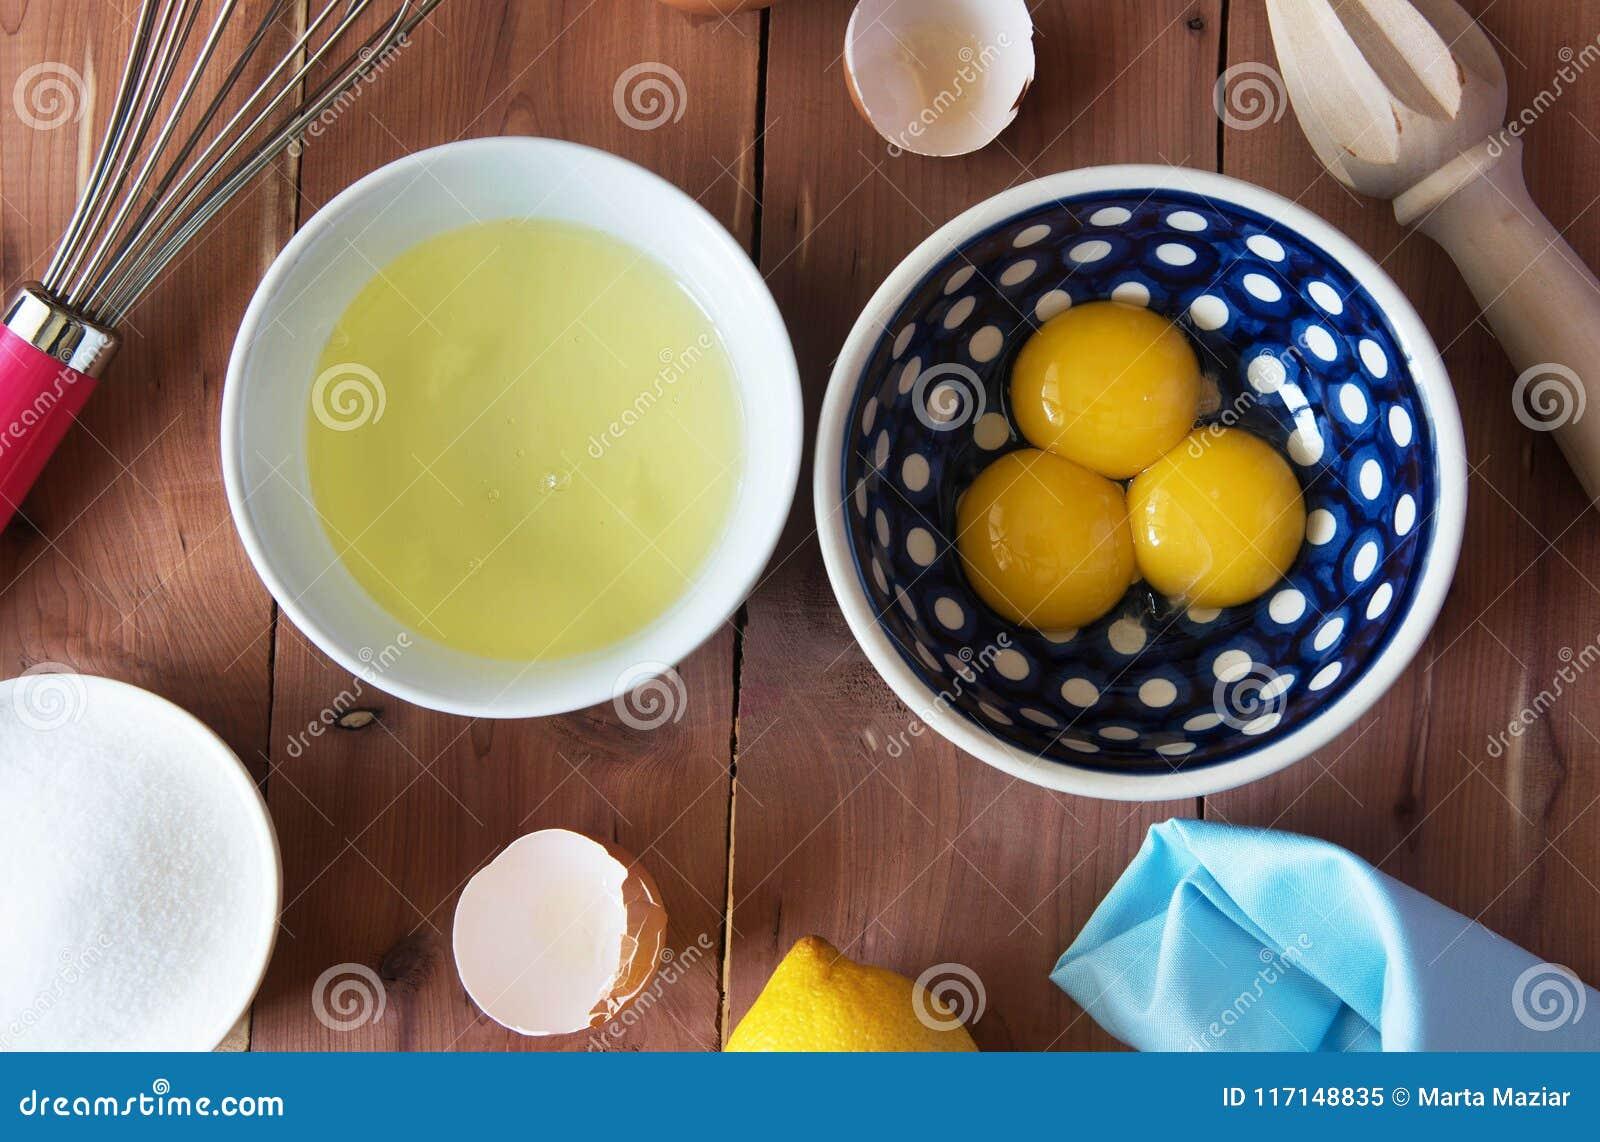 分离鸡蛋和和准备卵黄质在一点碗的扫的蛋白和卵黄质